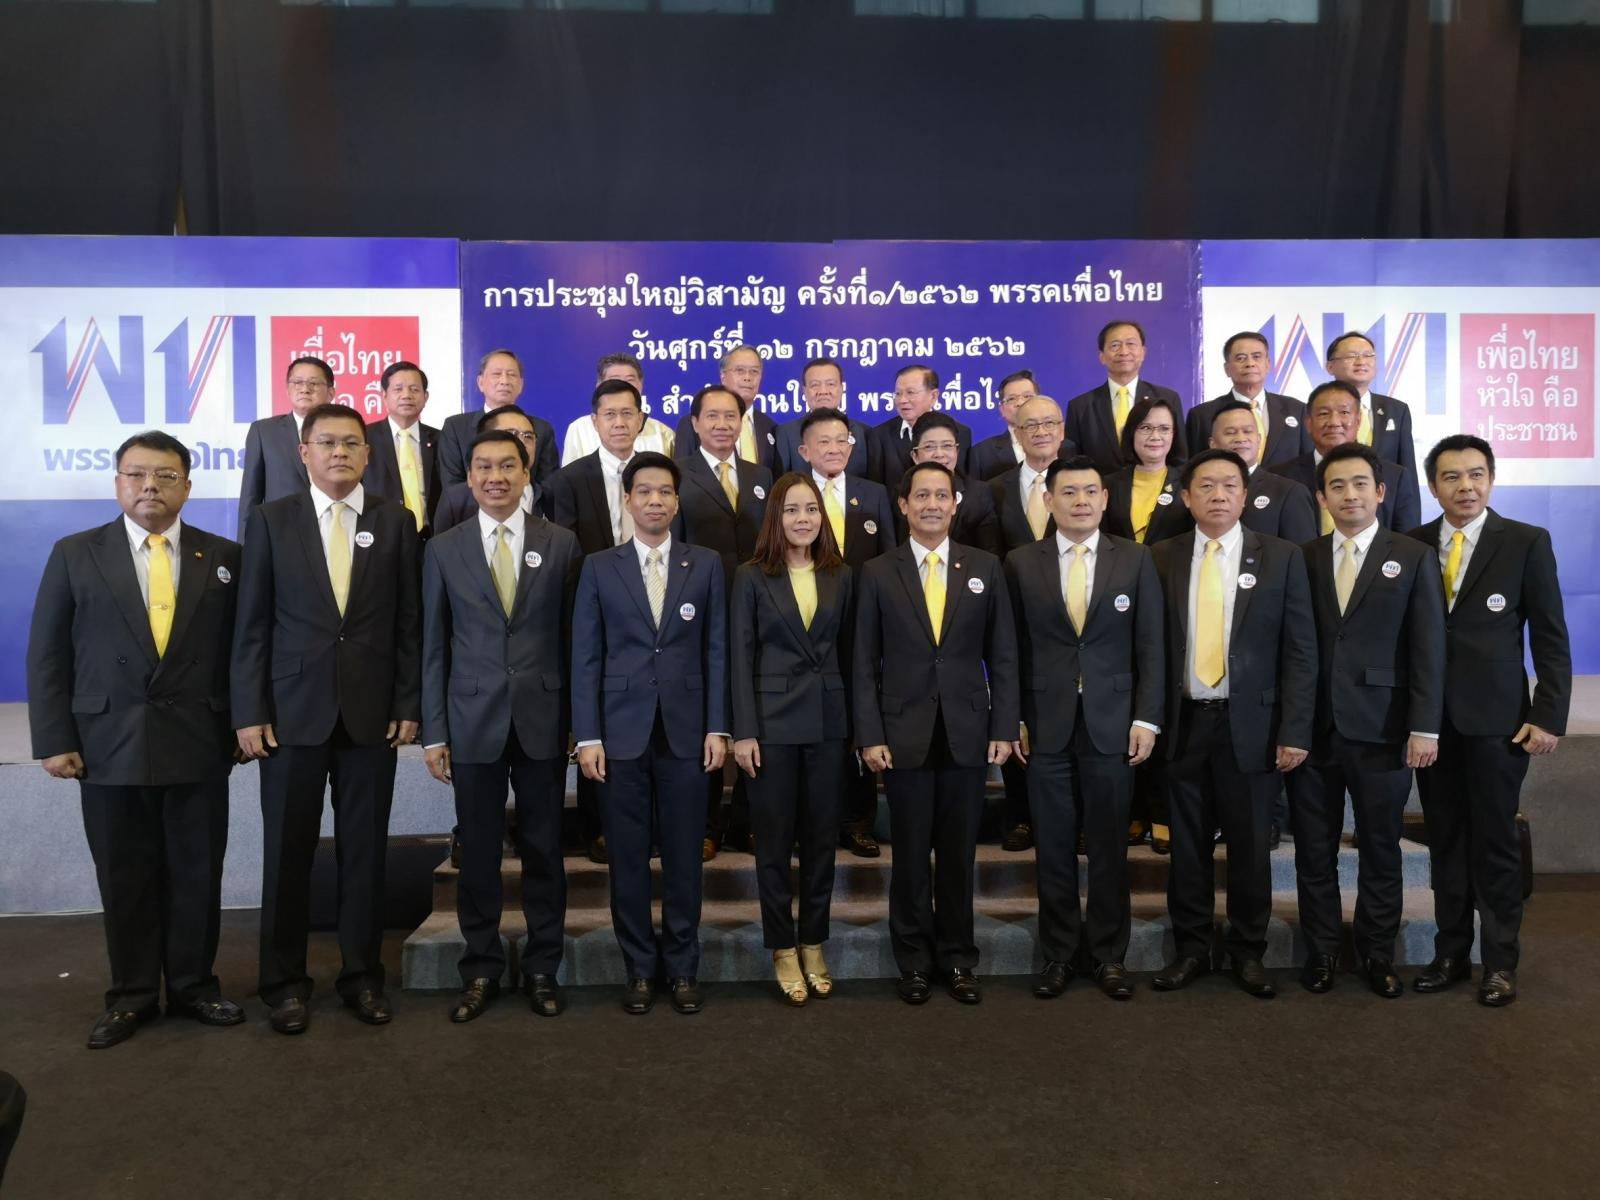 """""""สมพงษ์ อมรวิวัฒน์"""" นั่งหัวหน้าเพื่อไทย"""